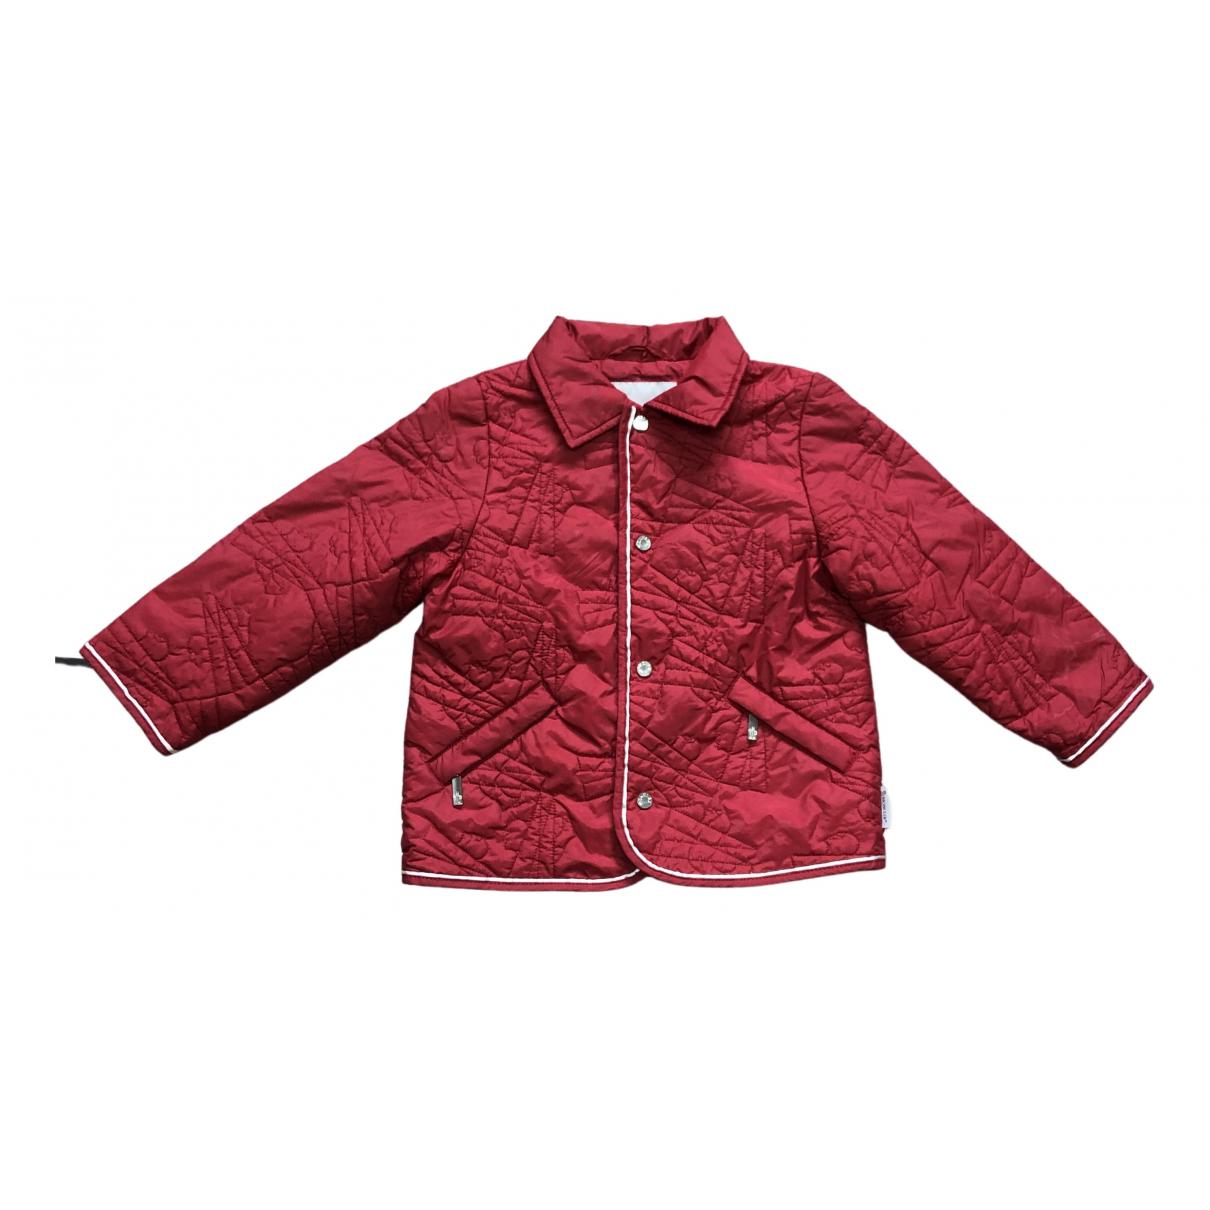 Moncler - Blousons.Manteaux   pour enfant - rouge